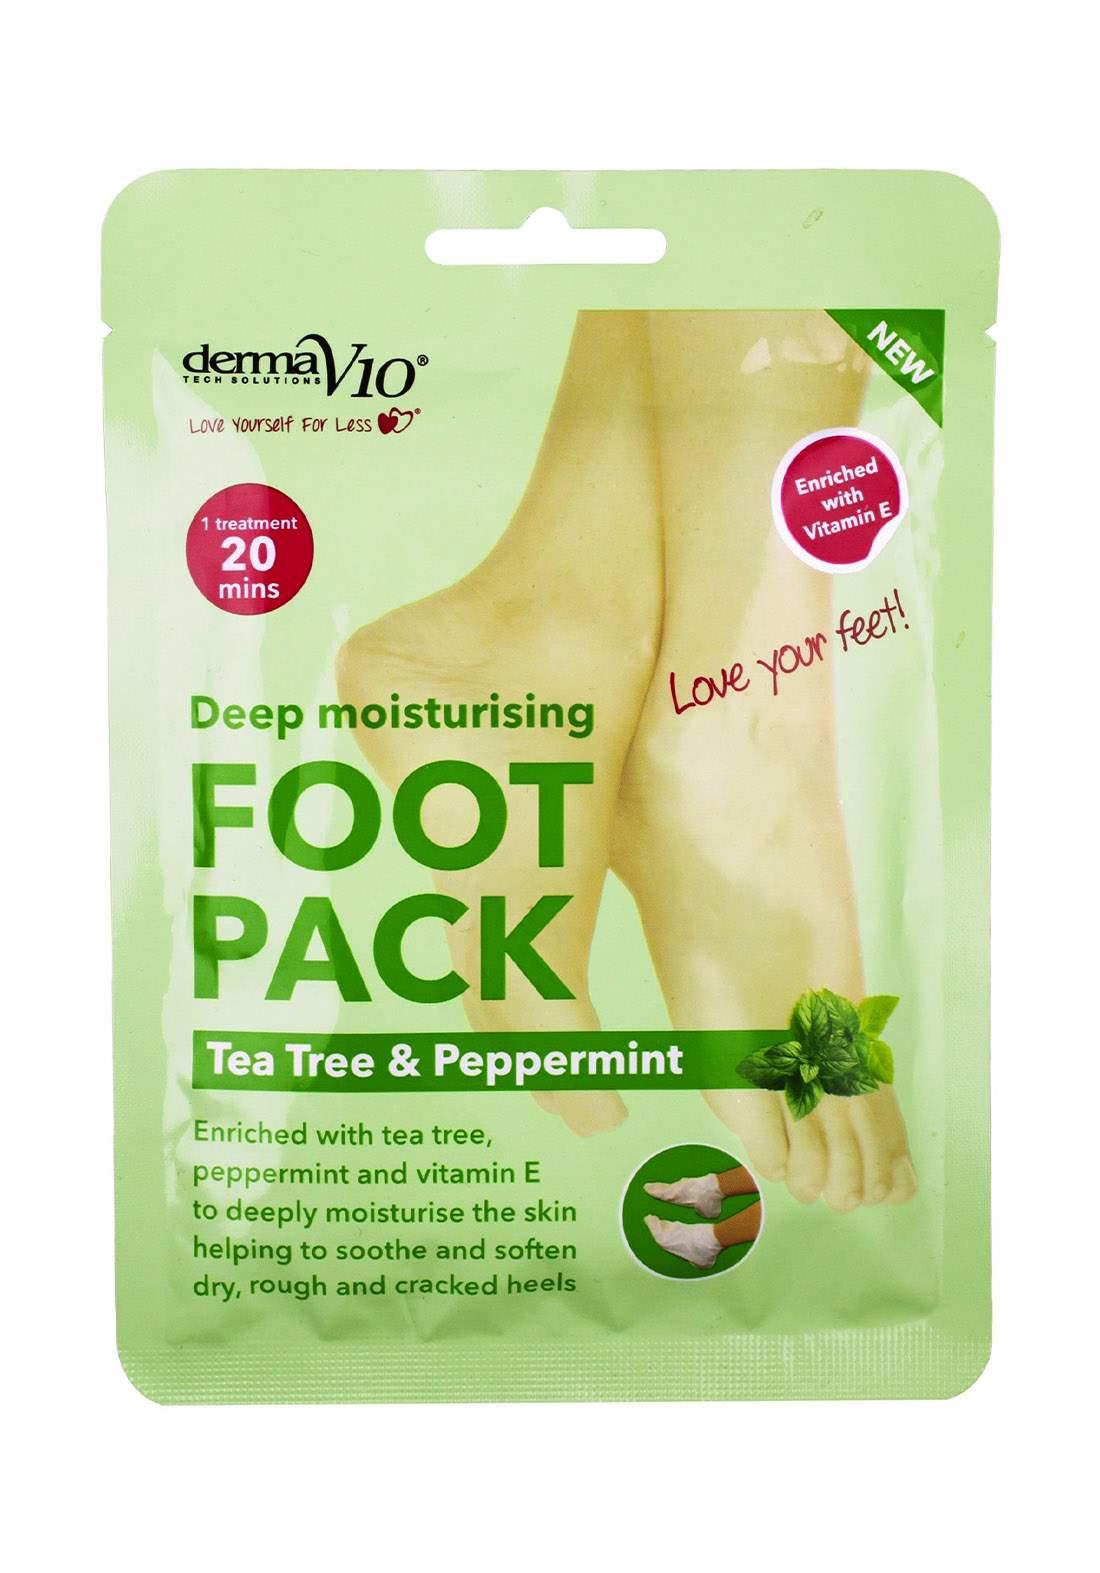 Derma V10 (17605ttp) Deep Moisturising Foot Pack -Tea Tree & Peppermint قناع للقدمين